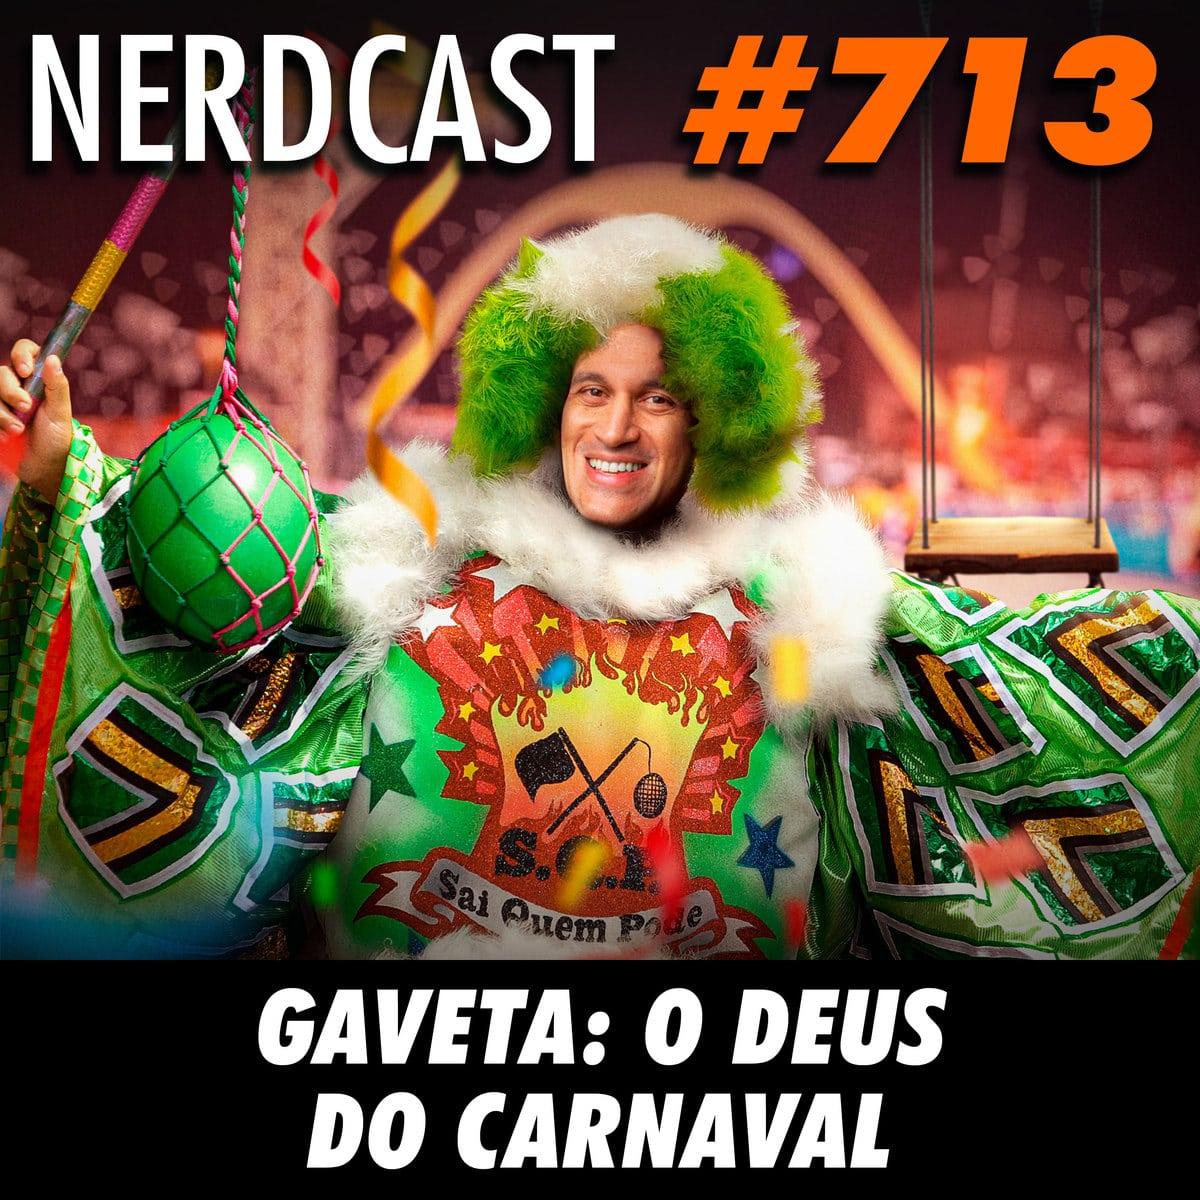 NerdCast 713 - Gaveta: O deus do carnaval